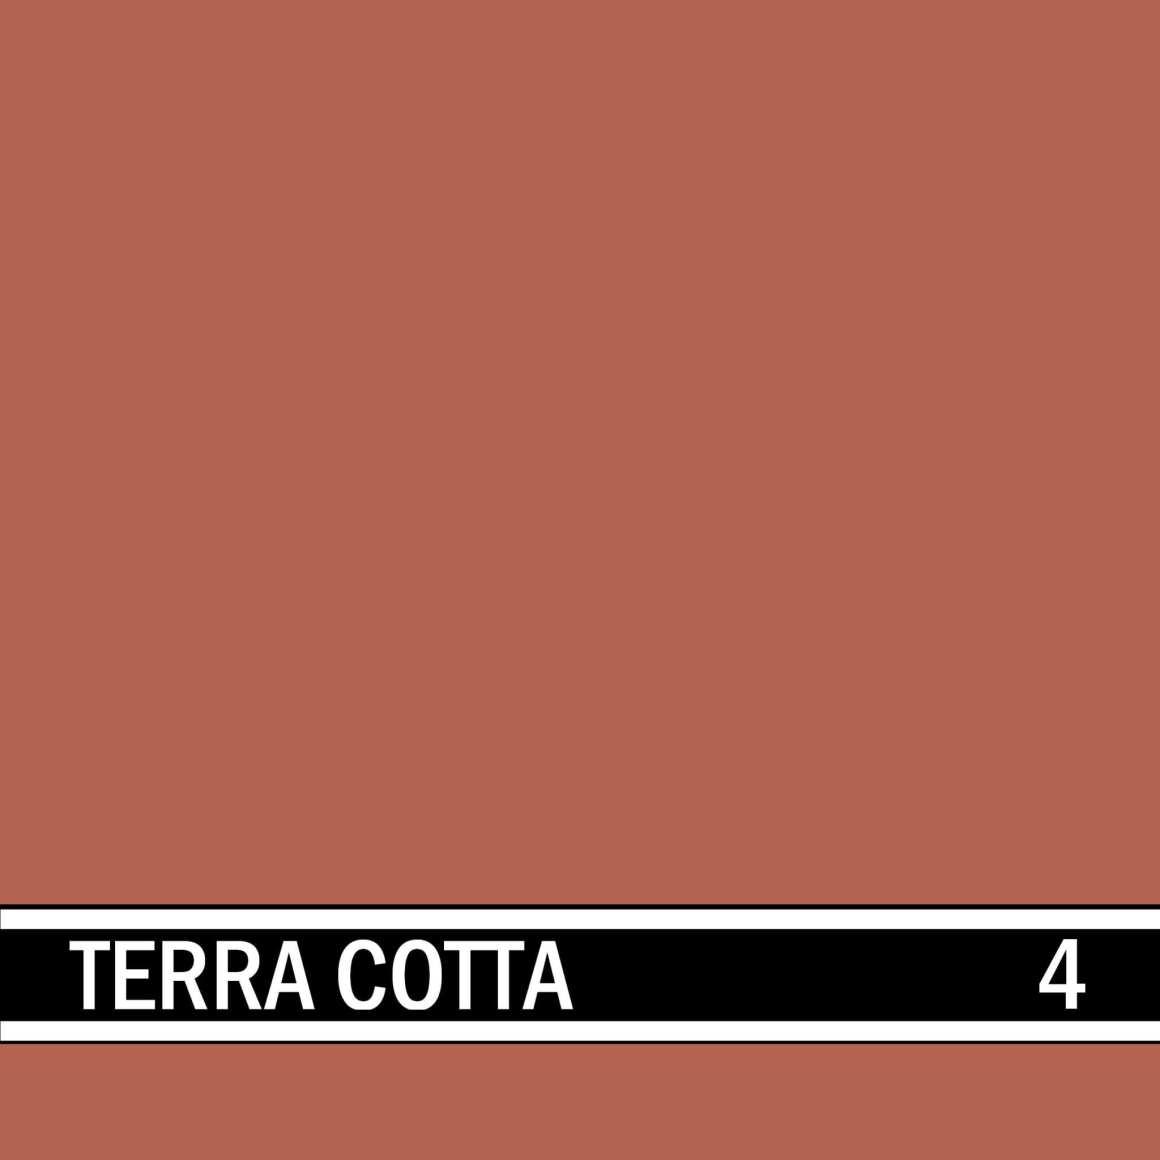 Terra Cotta integral concrete color for stamped concrete and decorative colored concrete